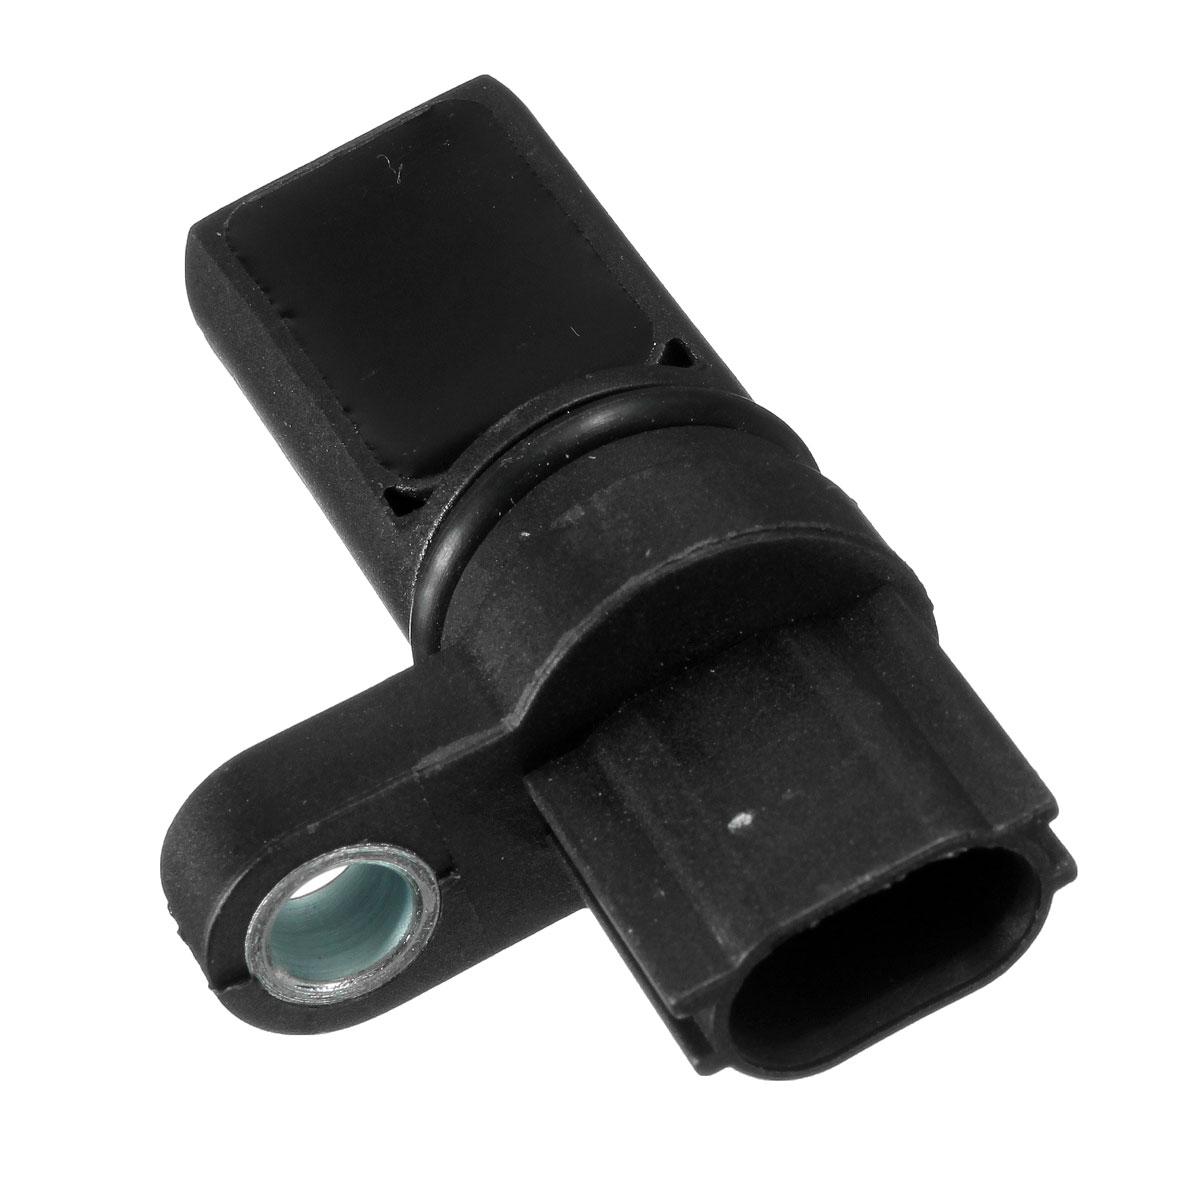 1996 Infiniti J Camshaft: Camshaft Position Sensor CMP For Infiniti Nissan 2002-2013